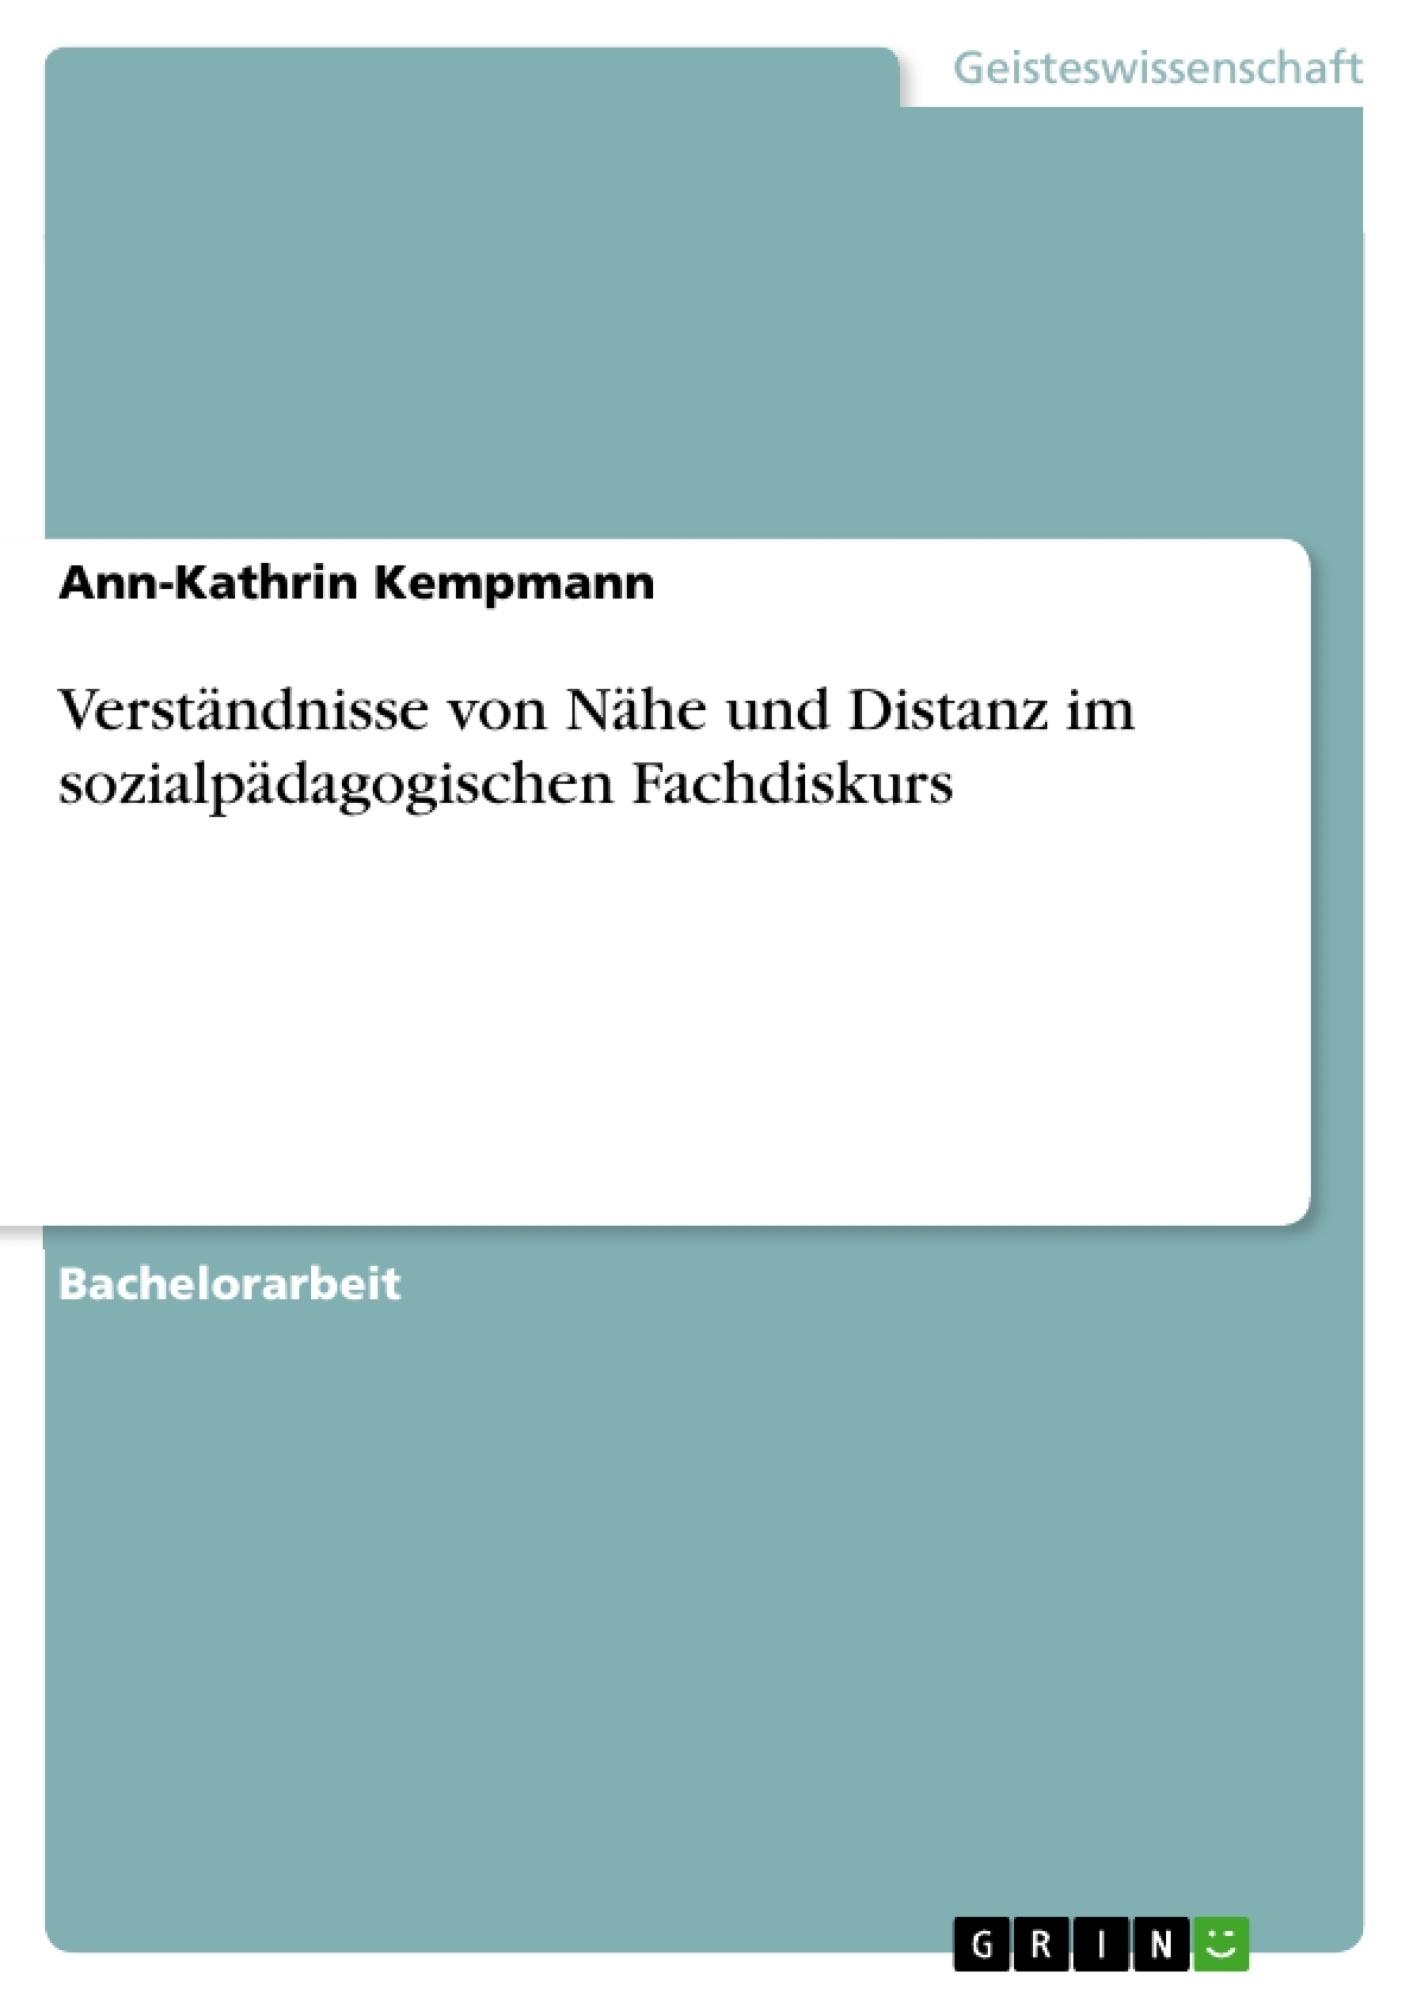 Titel: Verständnisse von Nähe und Distanz im sozialpädagogischen Fachdiskurs